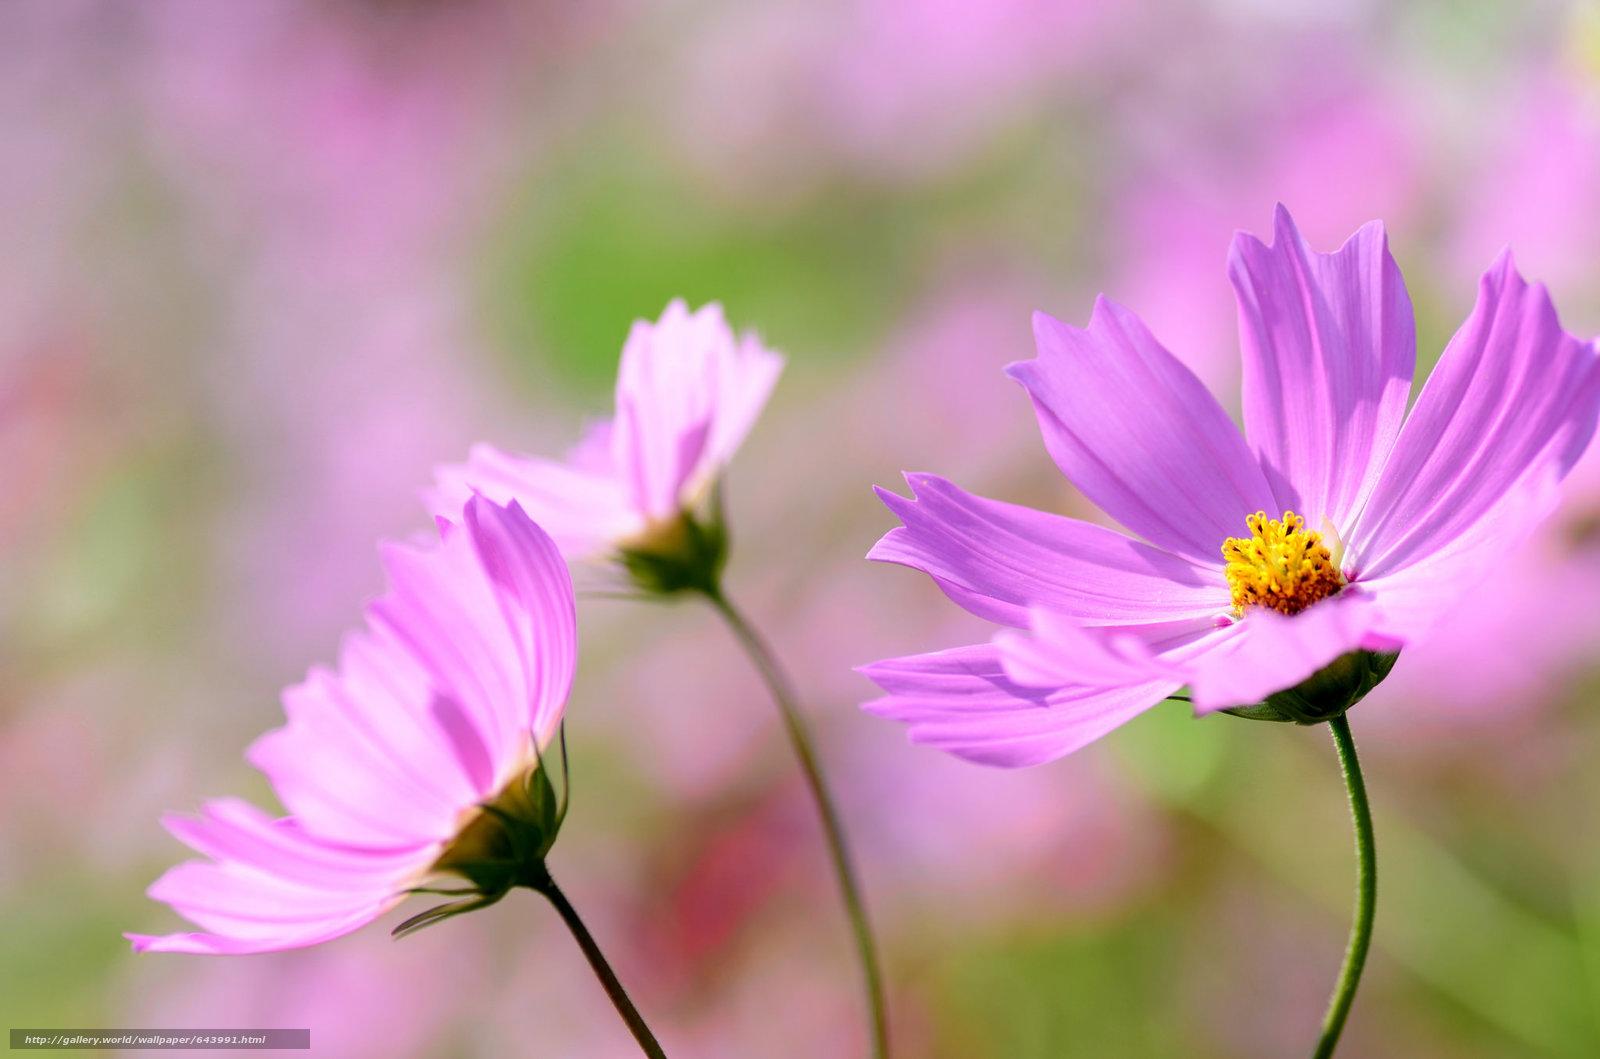 Tlcharger Fond d'ecran Fleurs,  fleur,  kosmeya,  cosmos Fonds d'ecran gratuits pour votre rsolution du bureau 2048x1356 — image №643991